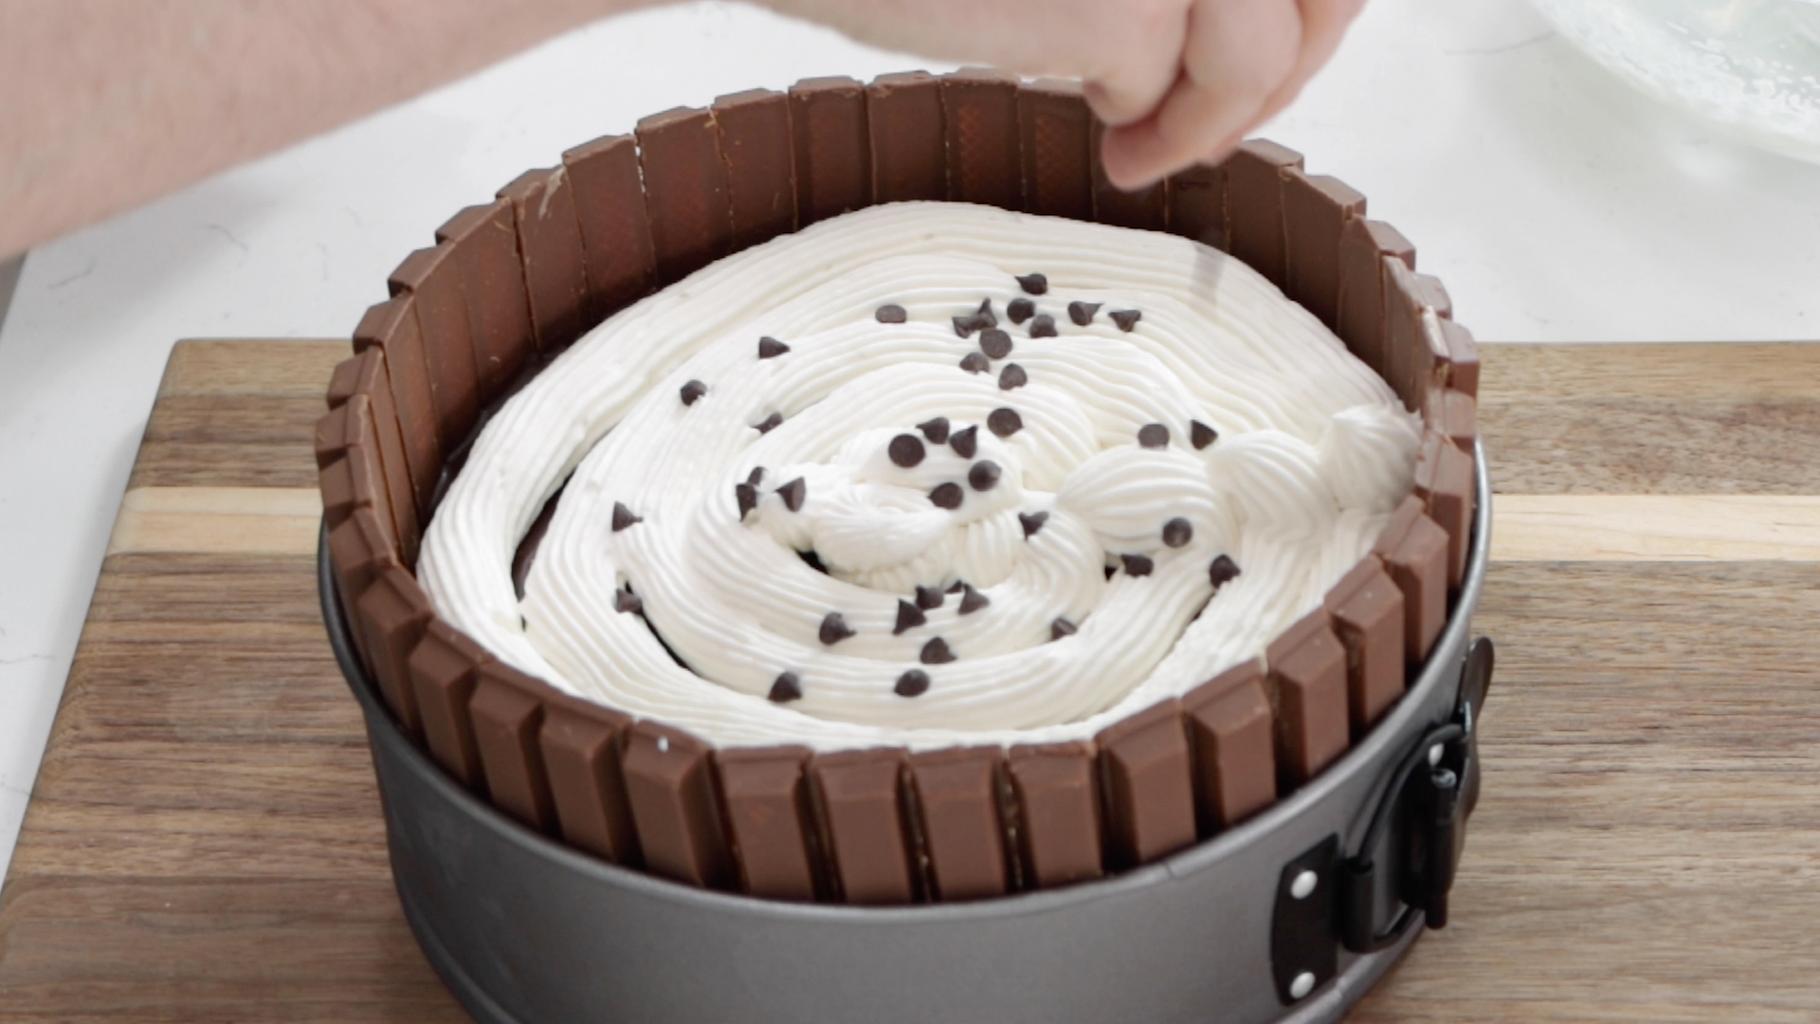 Finish the Cheesecake